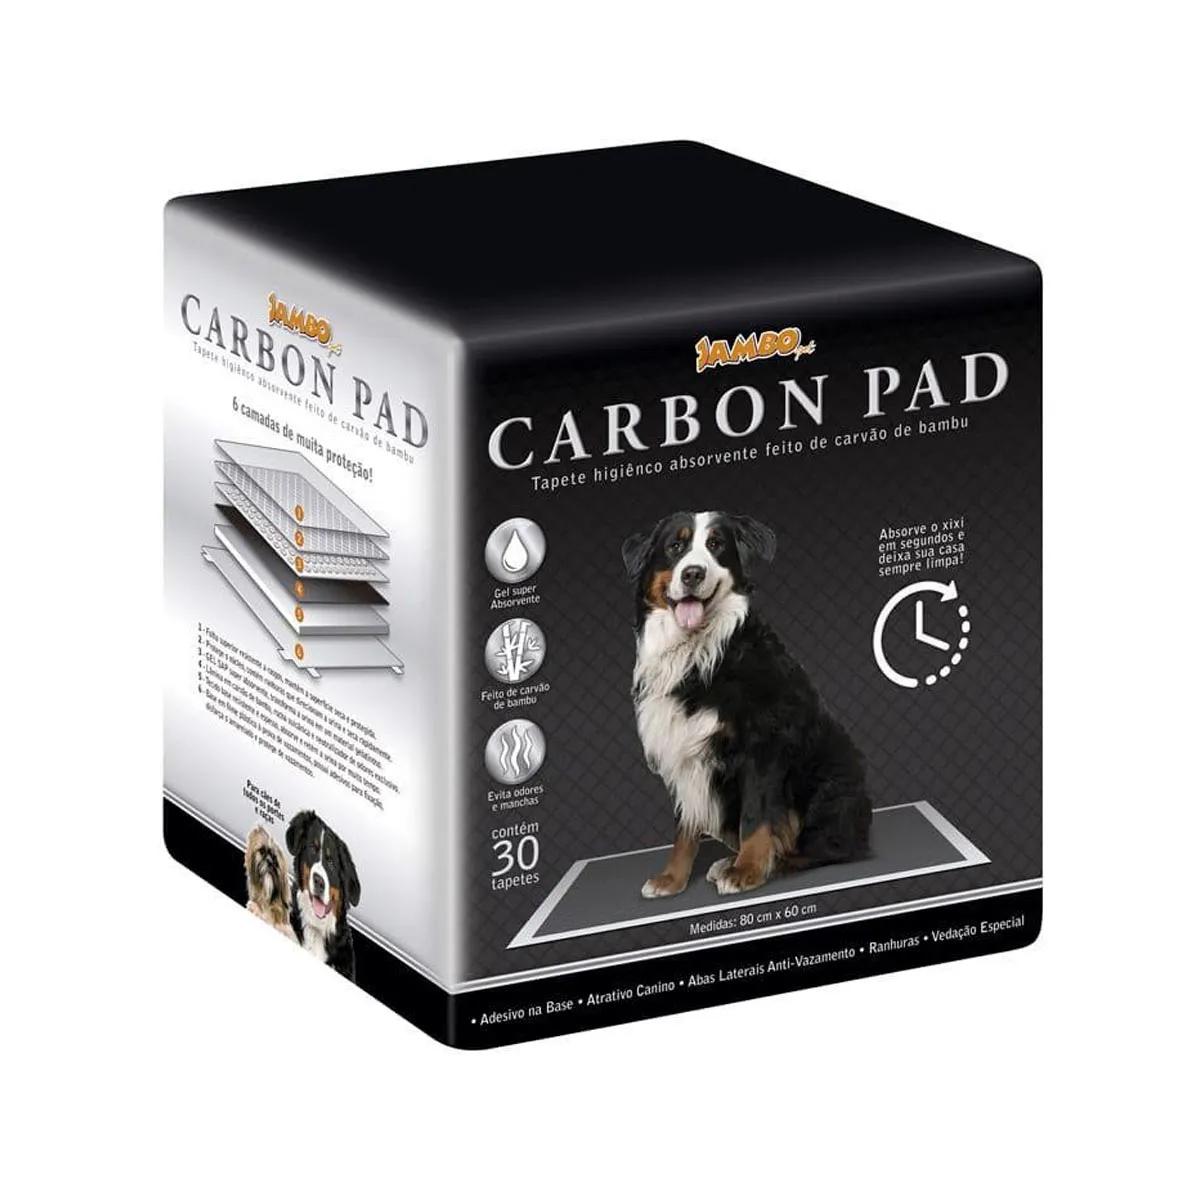 Tapete Higiênico Carbon Pad para Cães Jambo